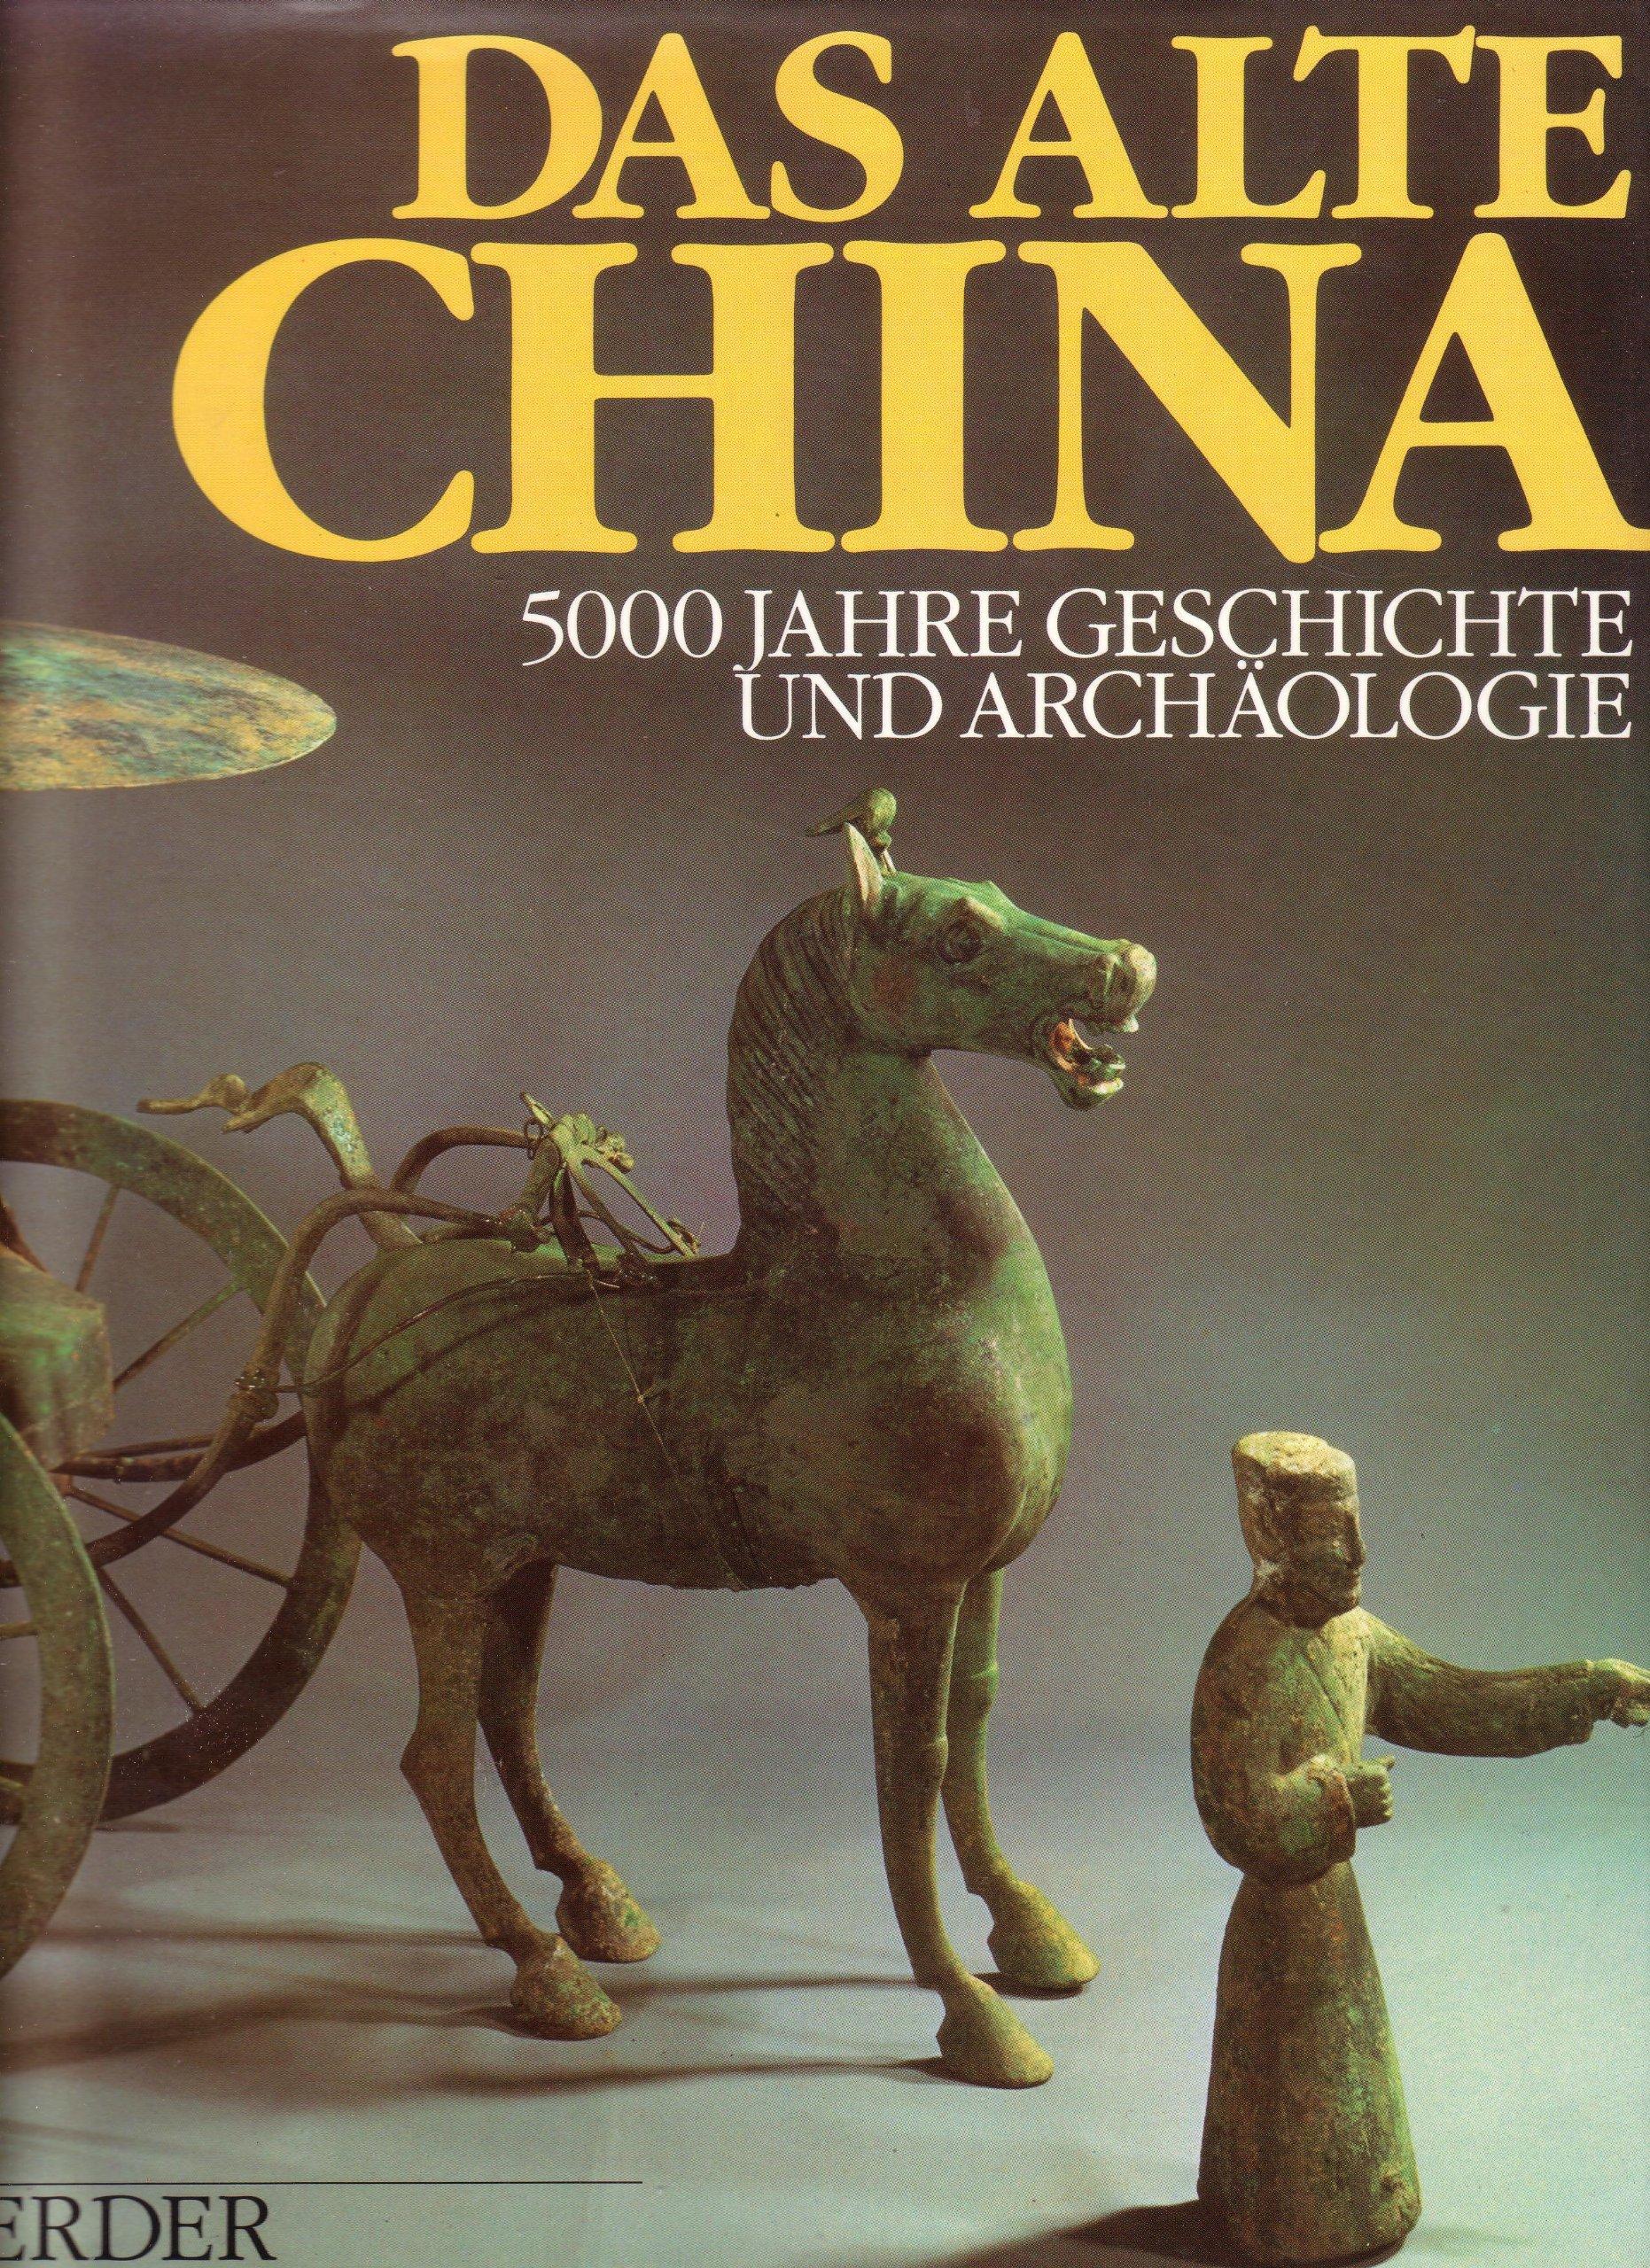 Das alte China. 5000 Jahre Geschichte und Archäologie